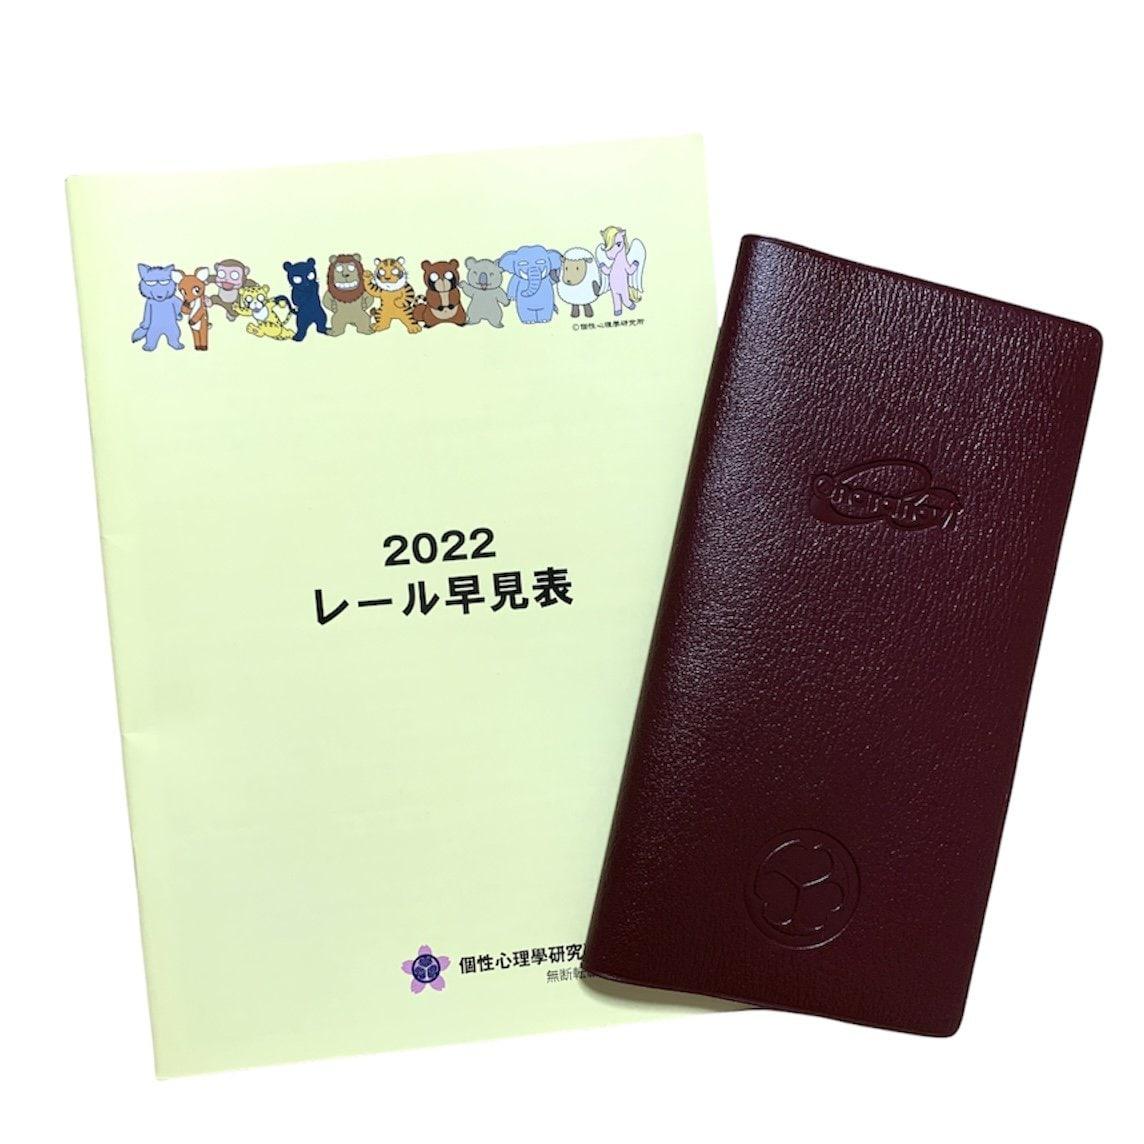 【数量限定】個性心理學キャラナビ手帳個人セミナー60分【2022年キャラナビ手帳、生涯リズム付】のイメージその3